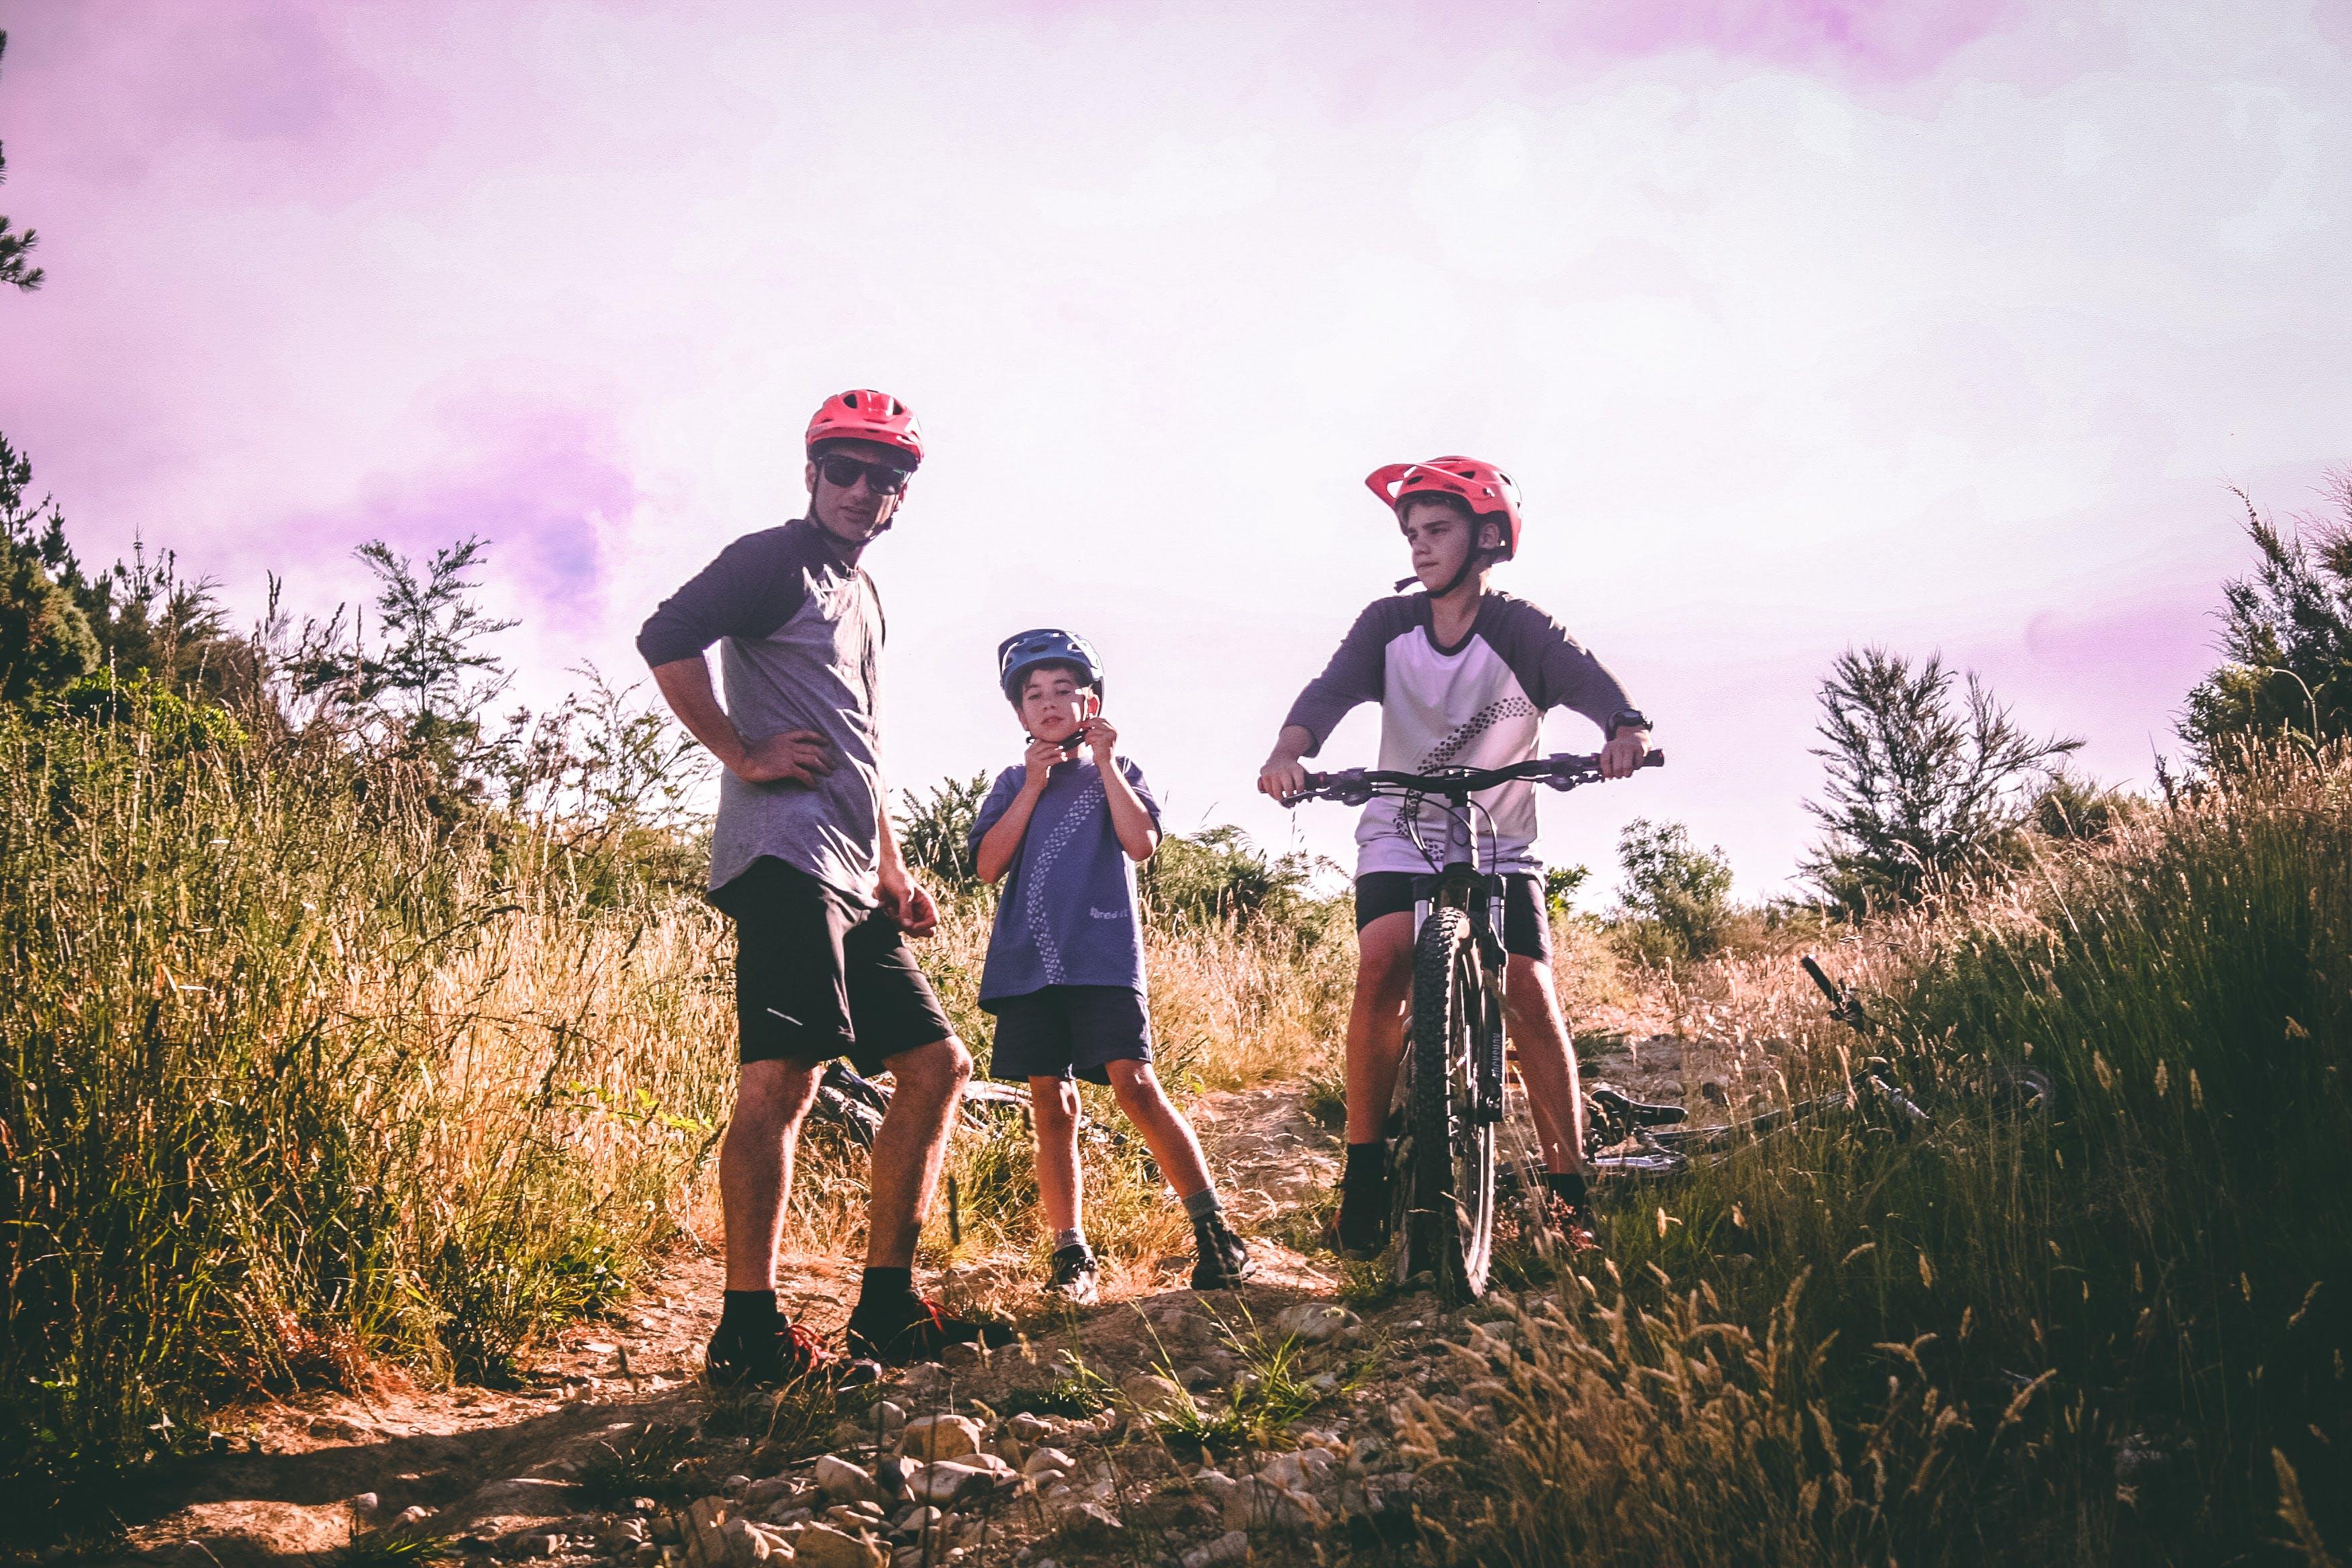 Δωρεάν στοκ φωτογραφιών με bmx, αγόρι, άθλημα, αναψυχή